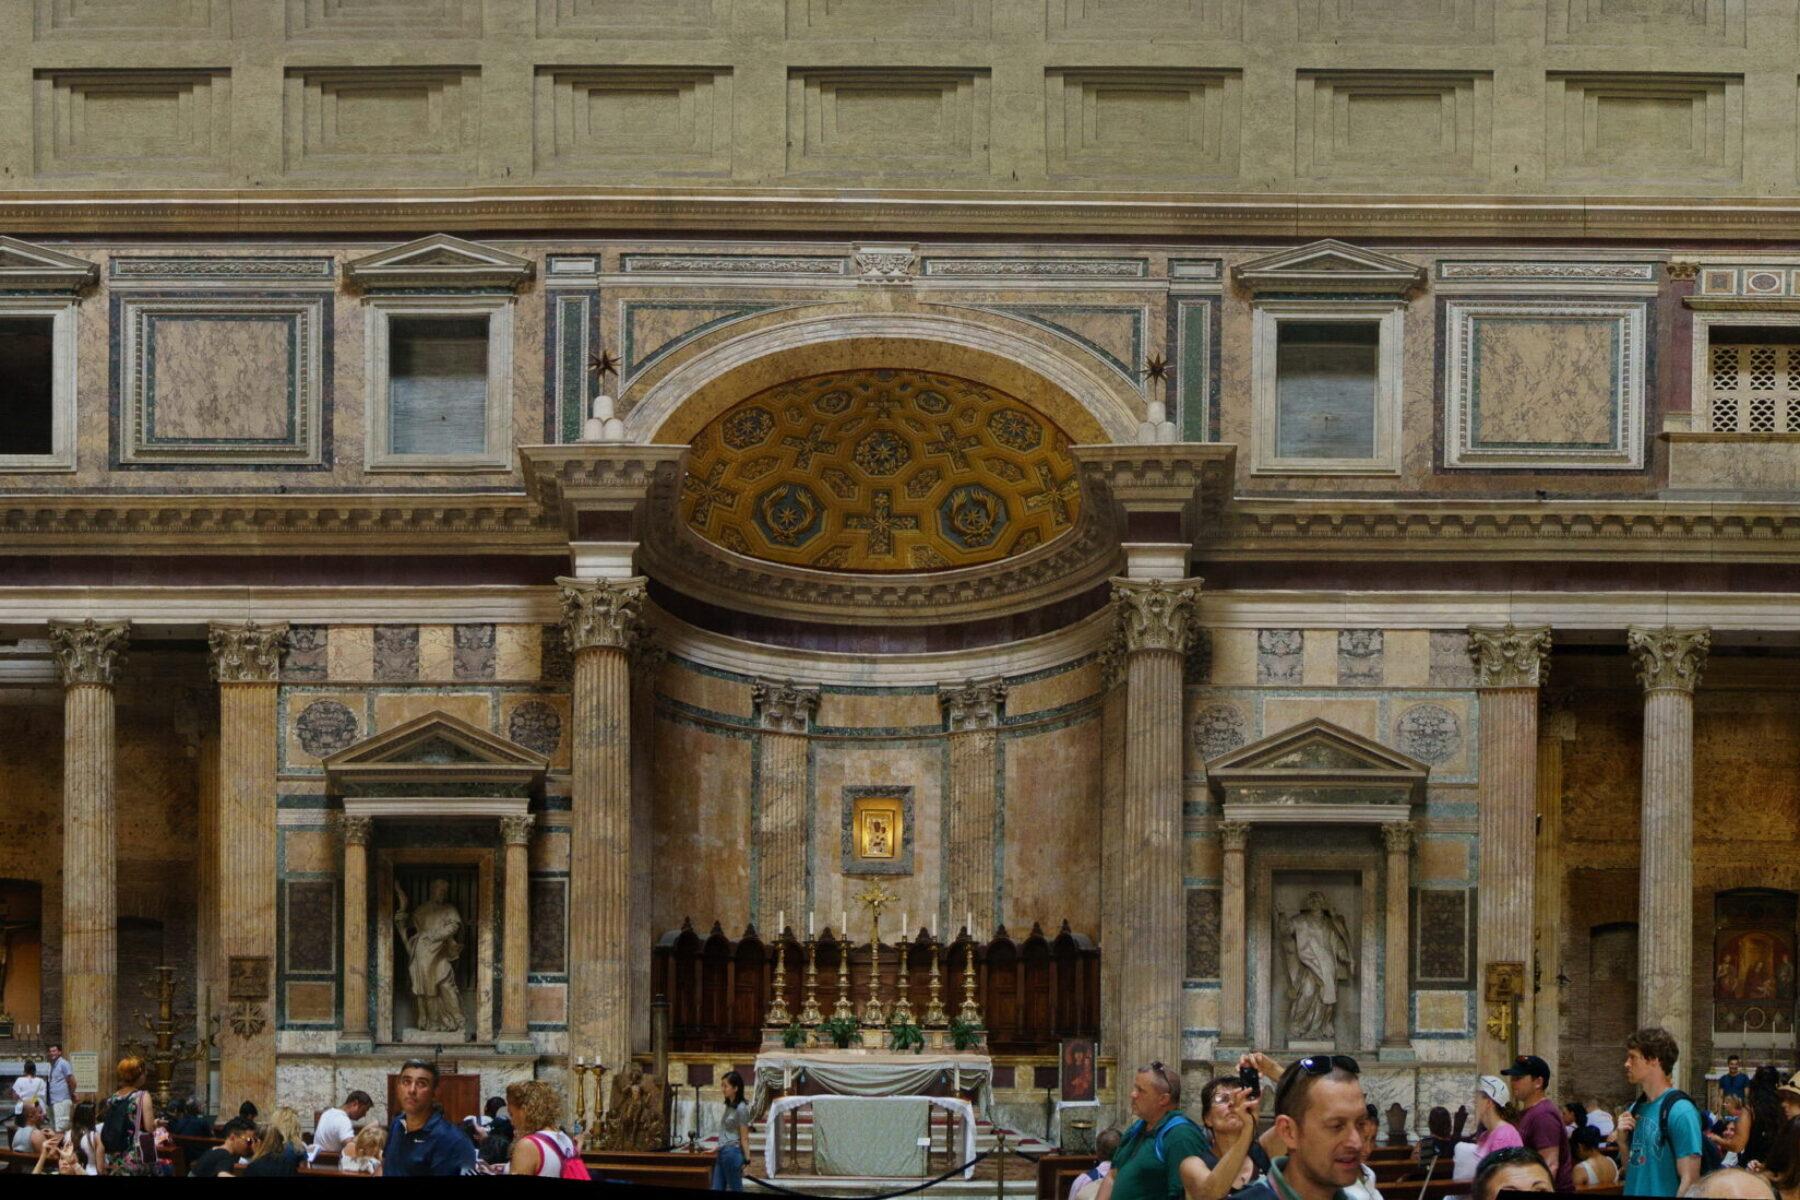 Panorama réalité virtuelle – Panthéon de Rome